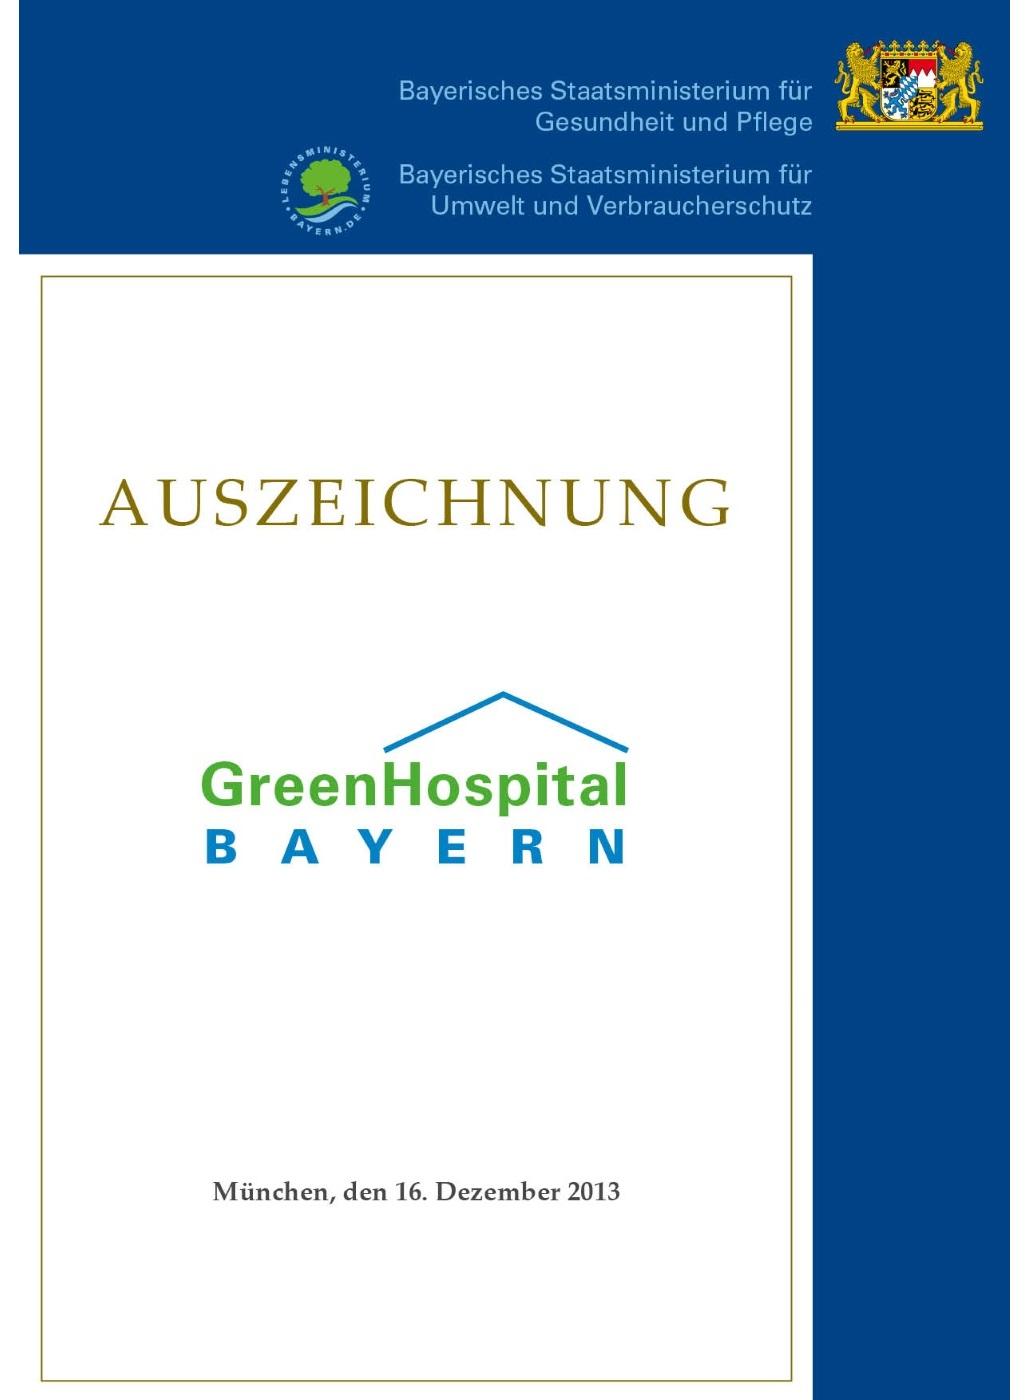 Urkunde: Auszeichnung Green Hospital Bayern.